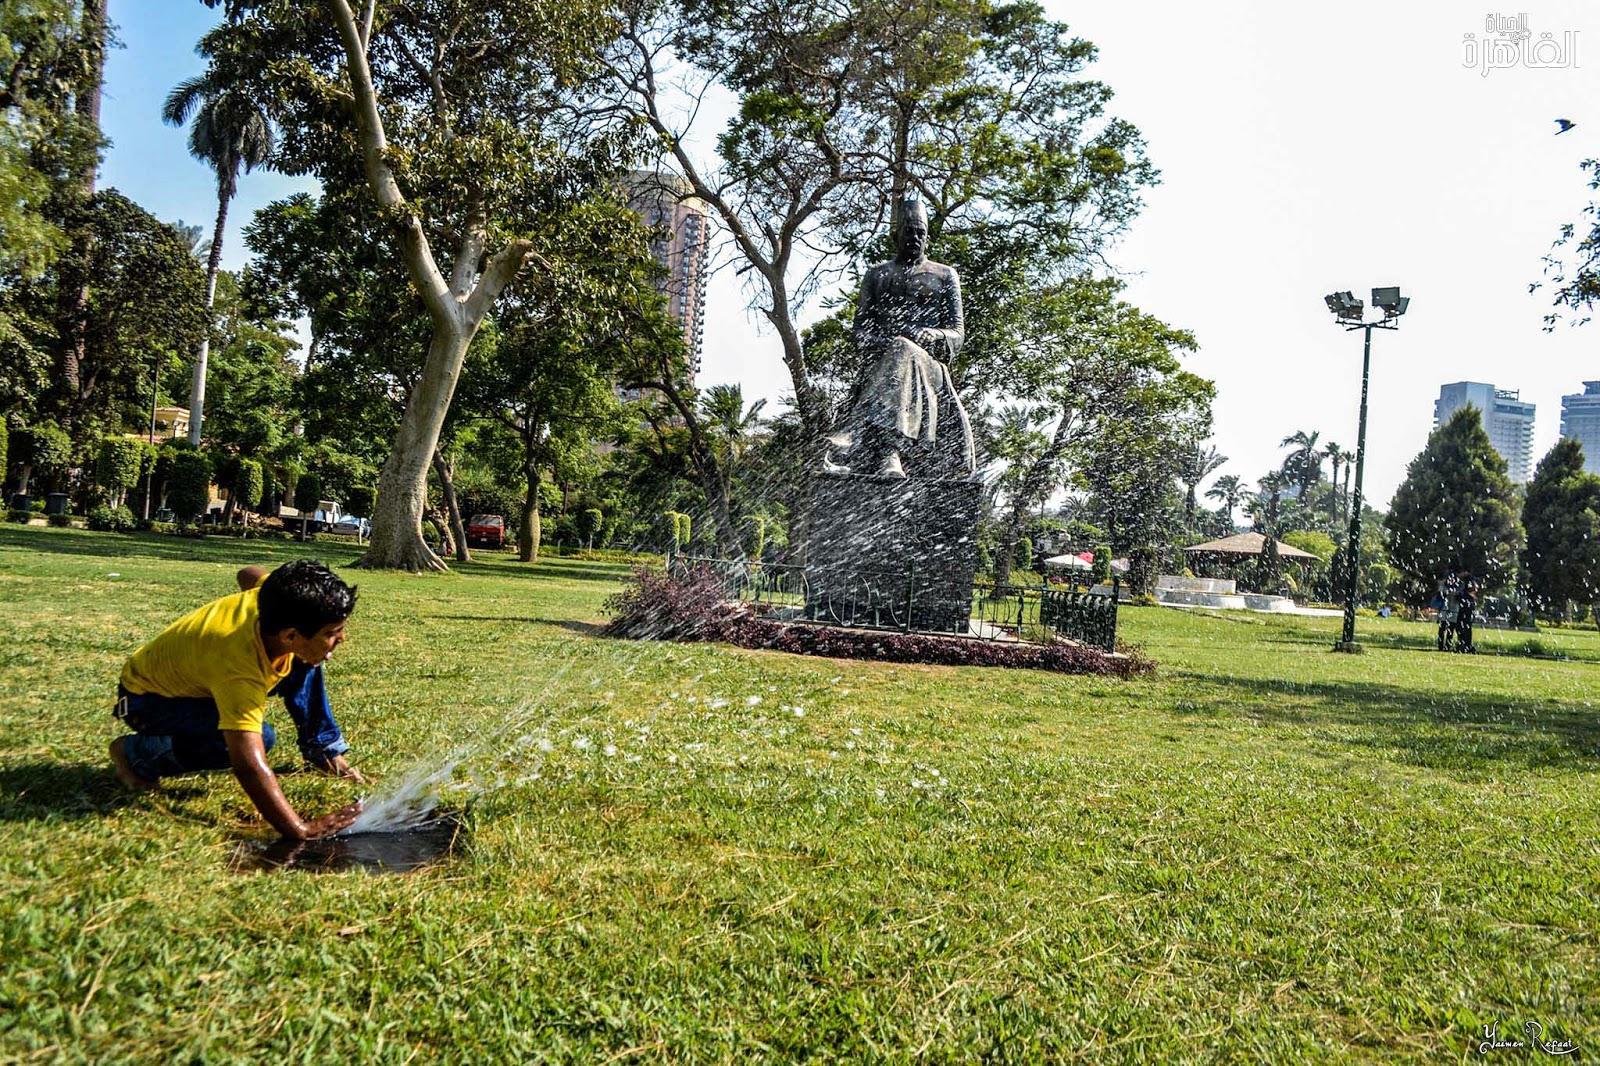 مع شدة حرارة يونية، وجد طفل متعته في اللهو بالمياة أمام تمثال حافظ إبراهيم - حديقة الحرية والصداقة - الحياة في القاهرة